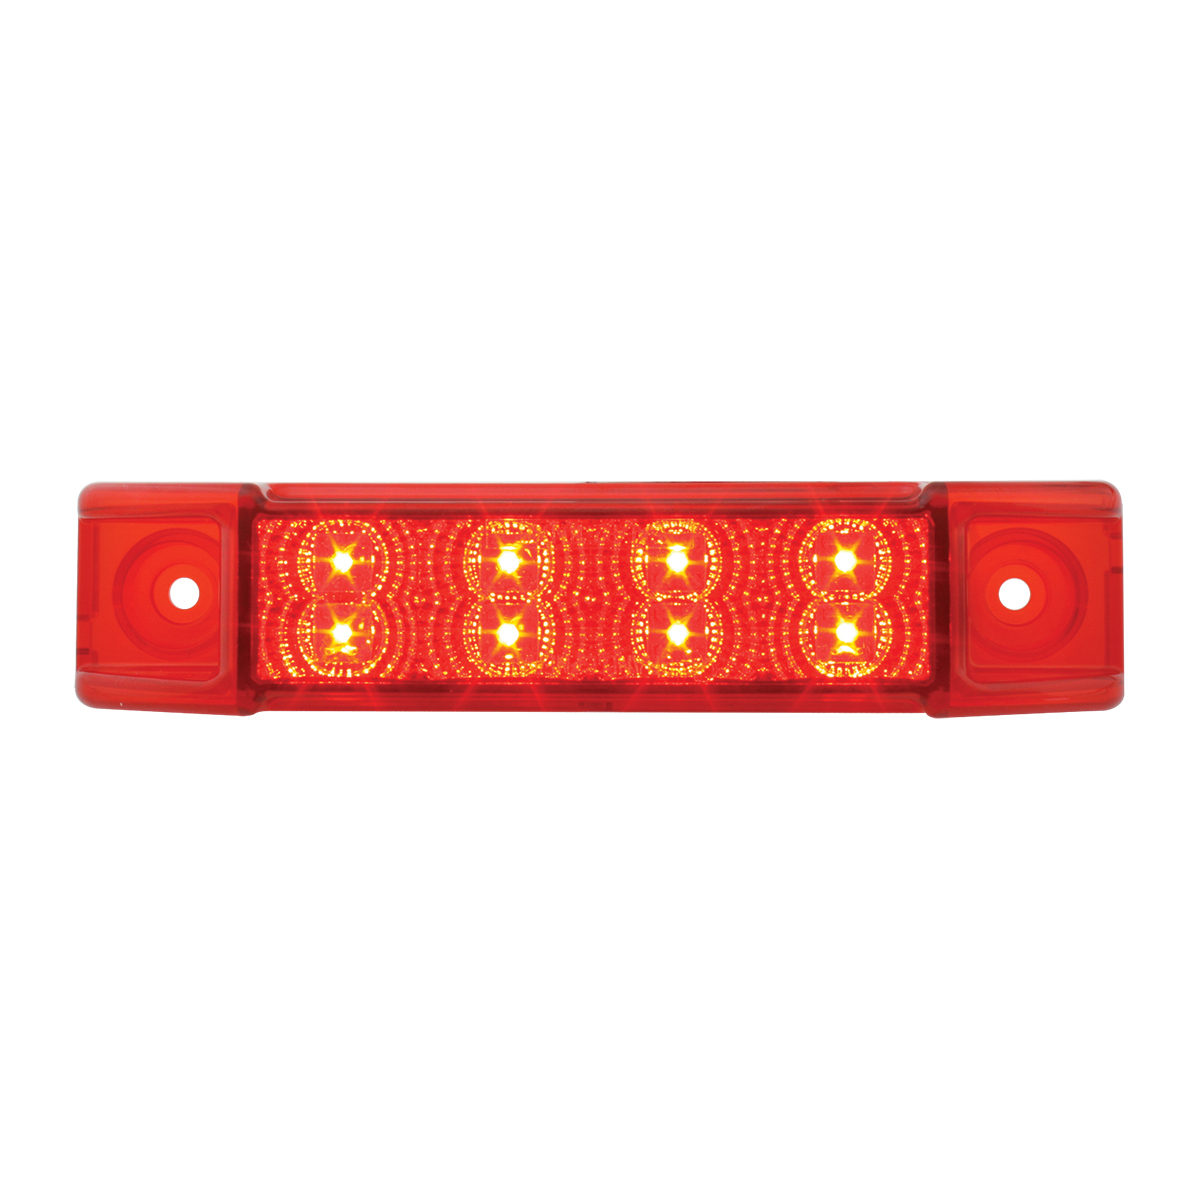 76272 Slim Rectangular Spyder LED Light in Red/Red